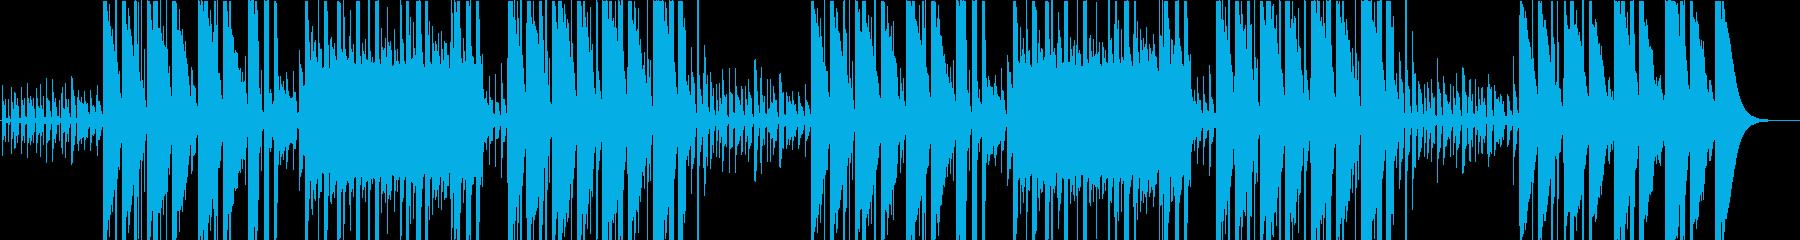 ロックフレーズのヒップホップビートの再生済みの波形